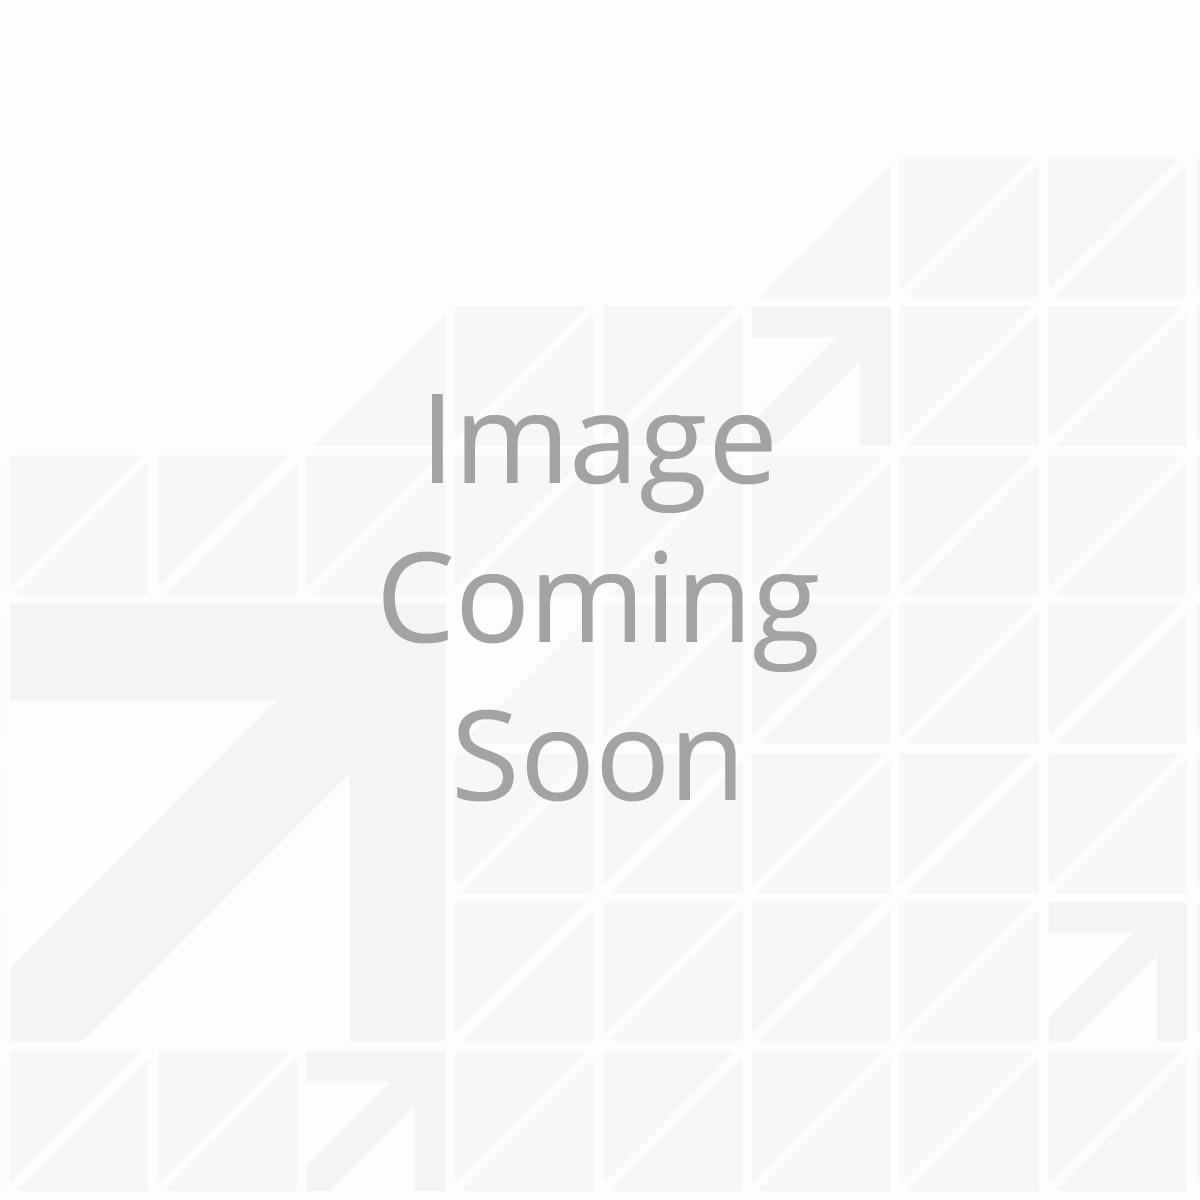 178653_-_lg_leg_extra_tab_-_001